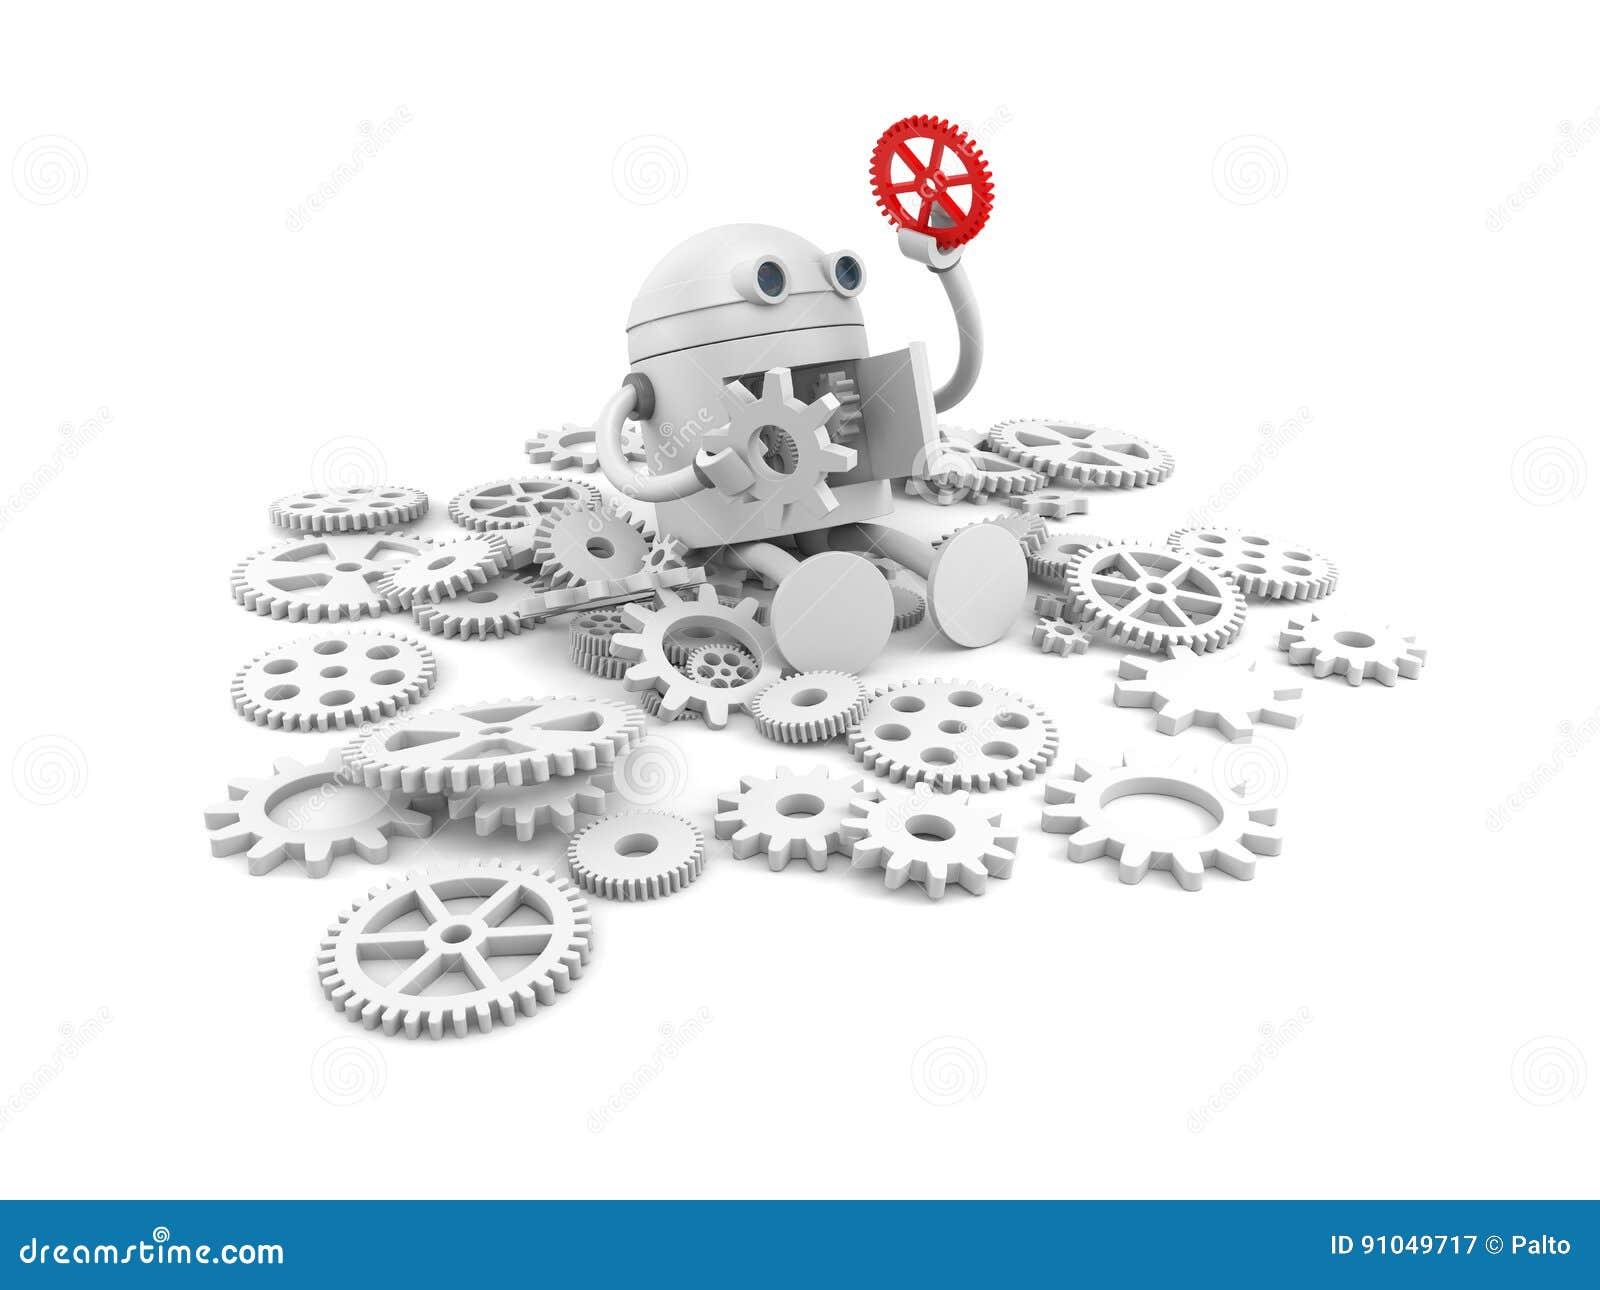 Сломленный робот с деталями своего механизма Для ваших проектов вебсайта